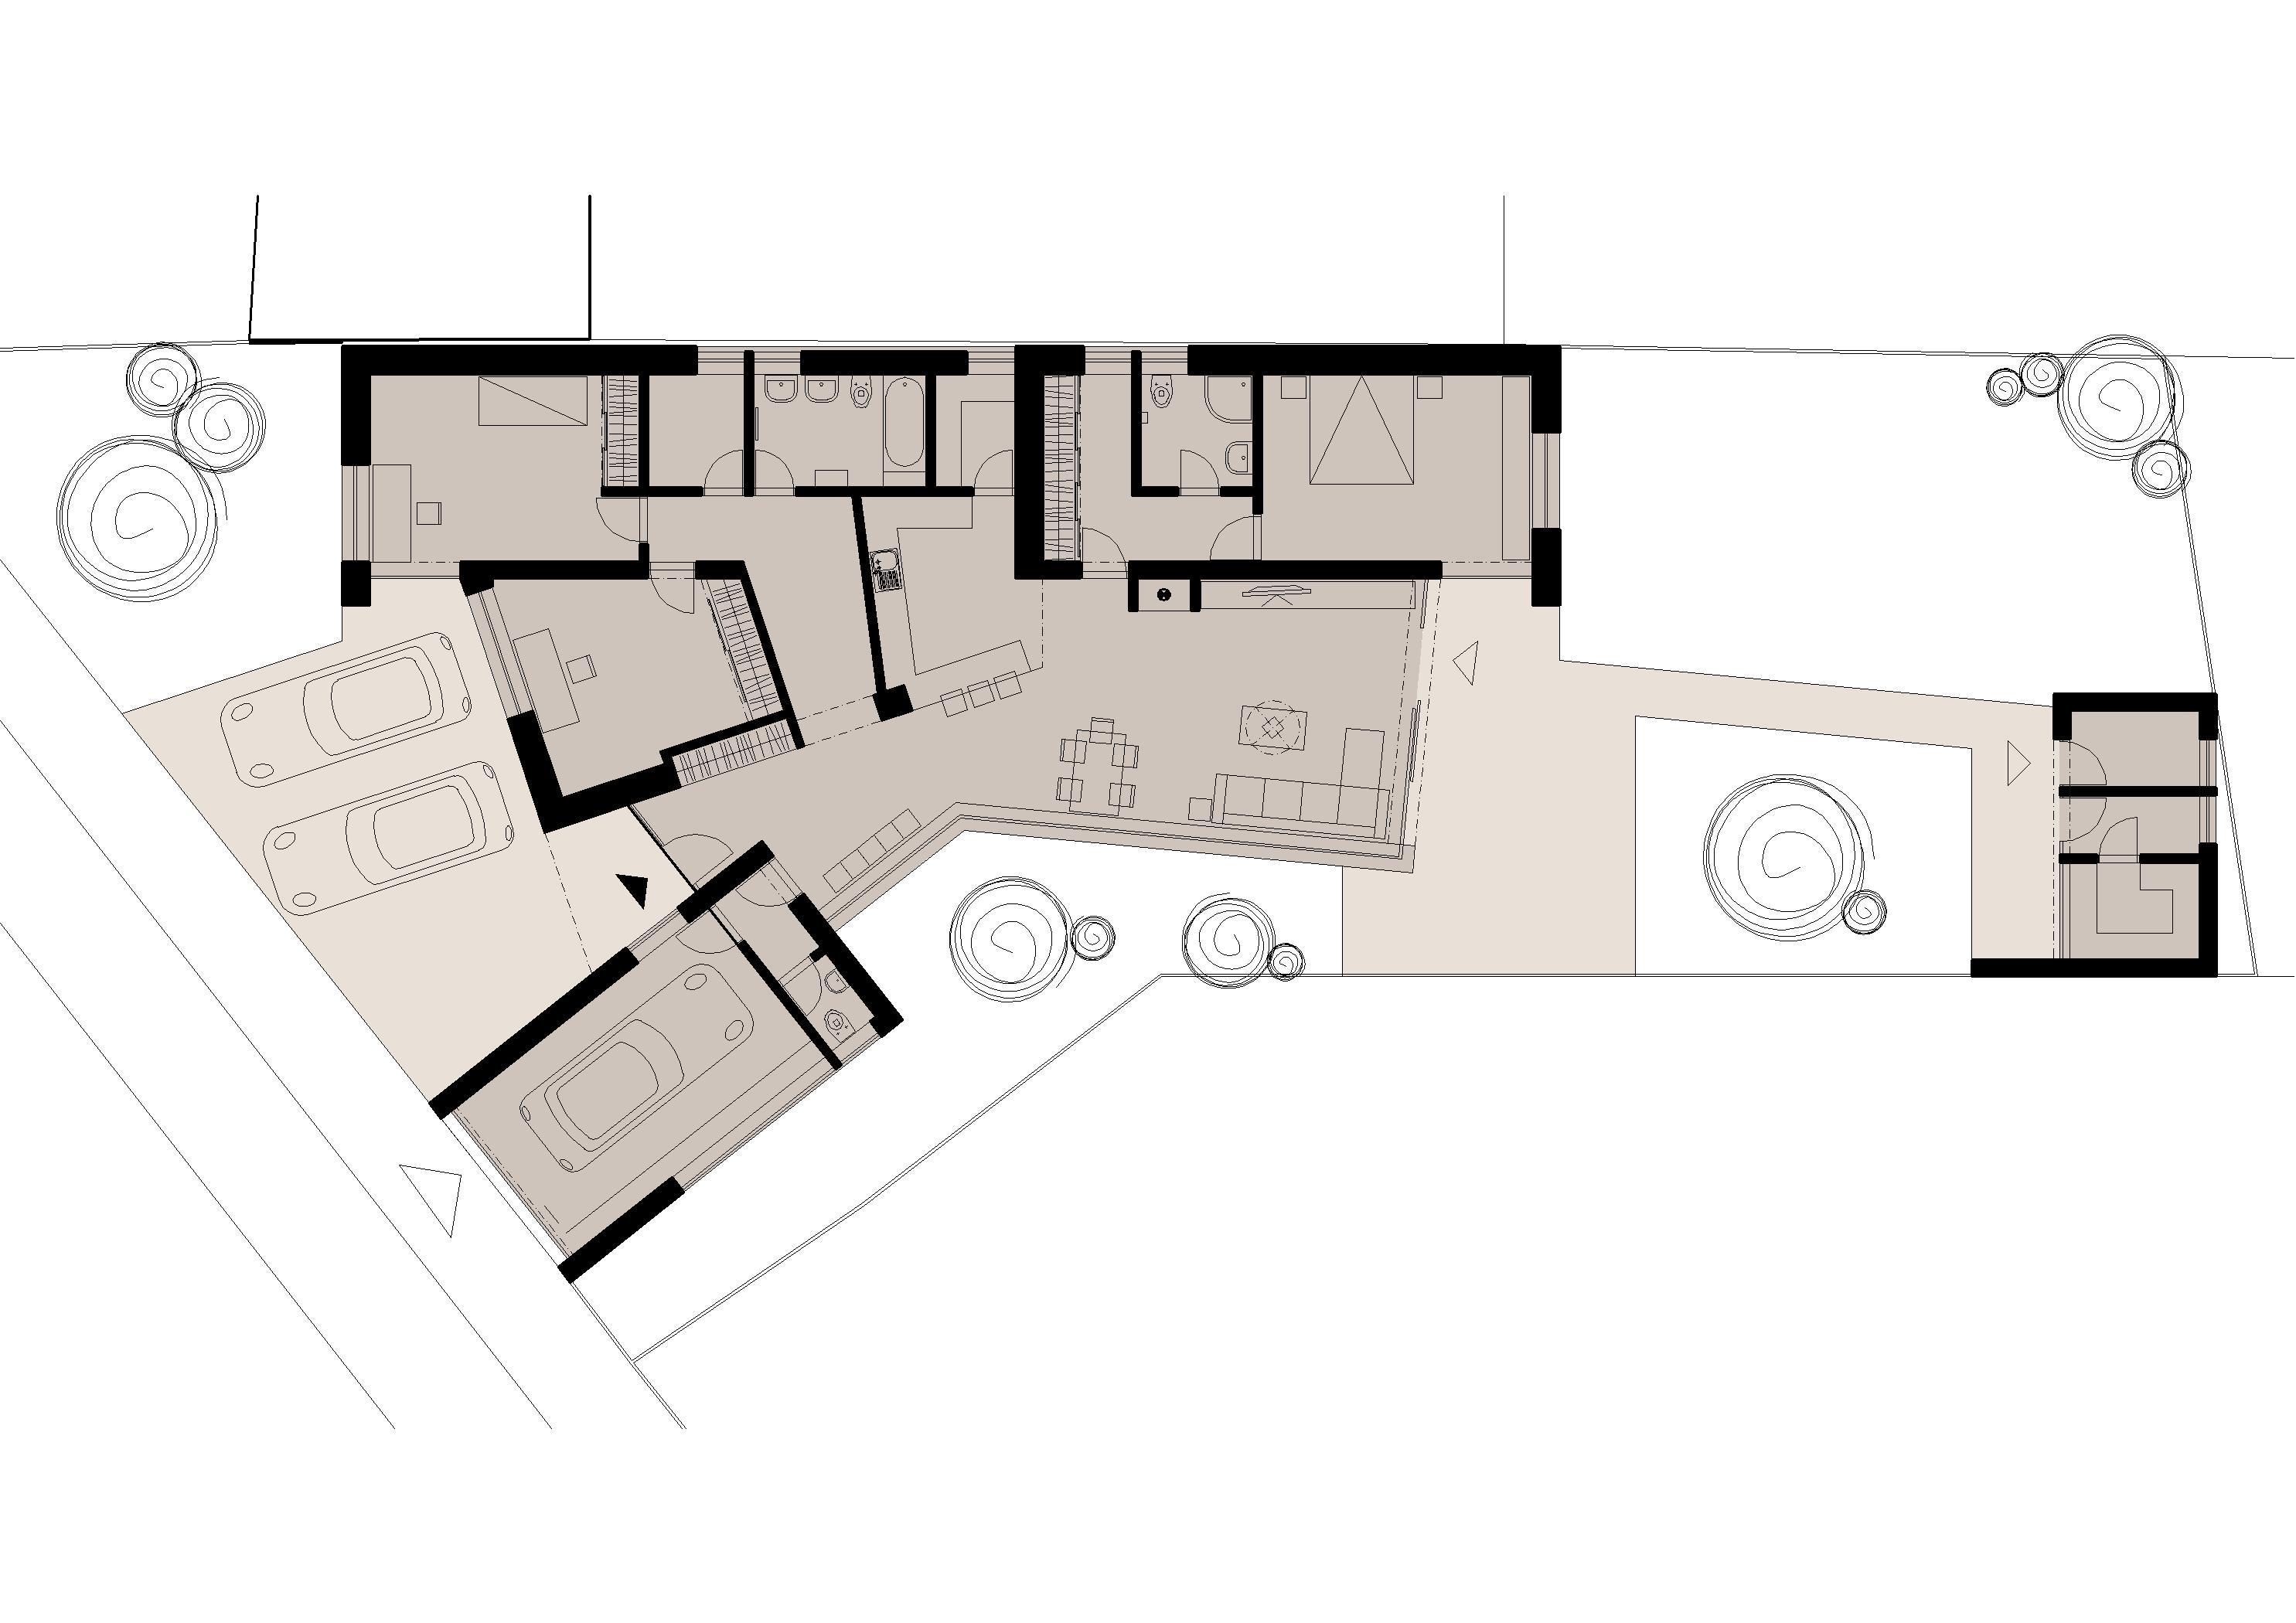 Štúdia stavby rodinného domu VI 10